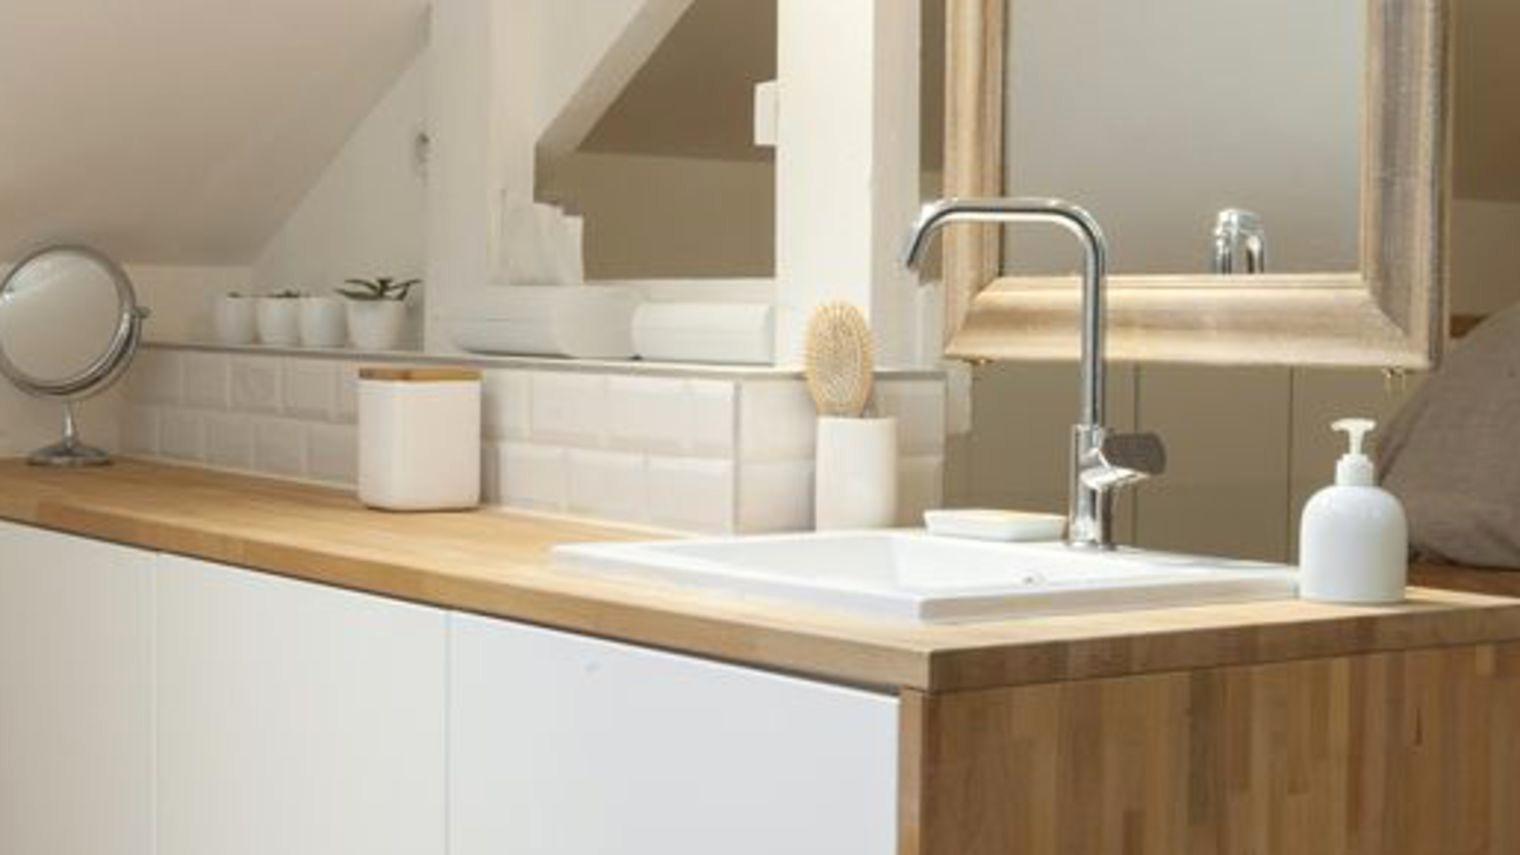 Vasque à Poser Ikea Beau Stock 35 Inspirant De Meuble Salle De Bain Pour Vasque  Poser